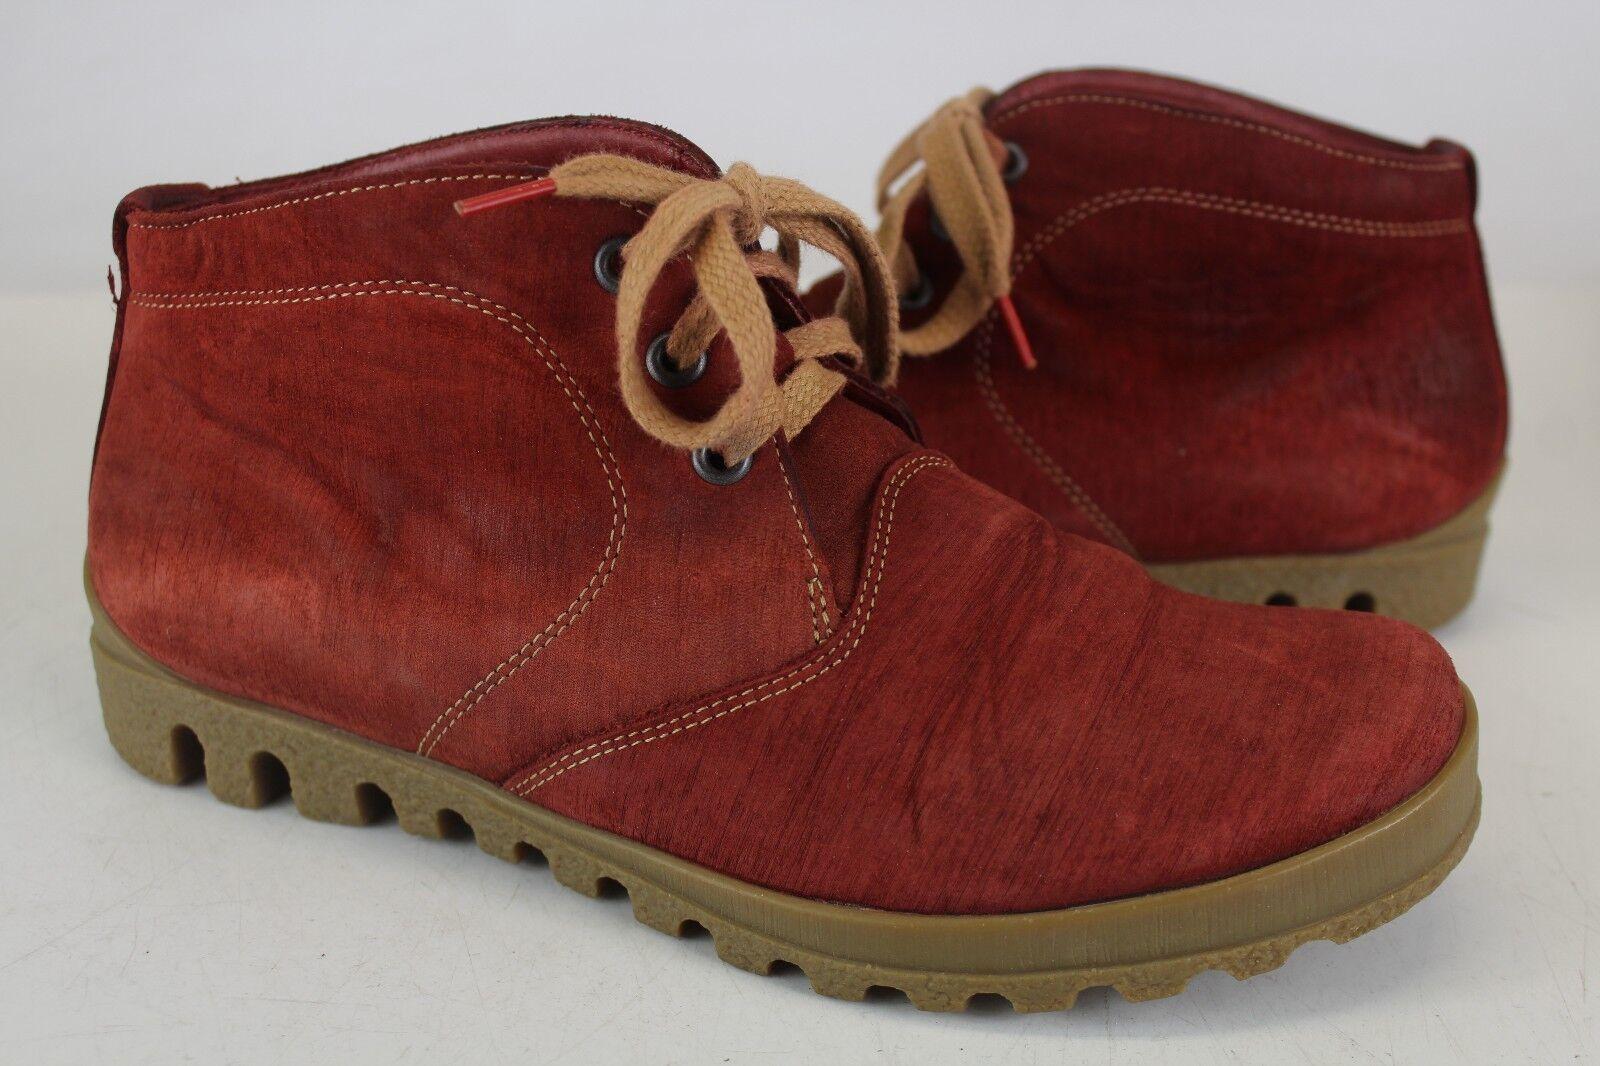 Think chaussures femmes Chaussure Lacée Bottines Taille 38 excellent état très belle (AW 44)